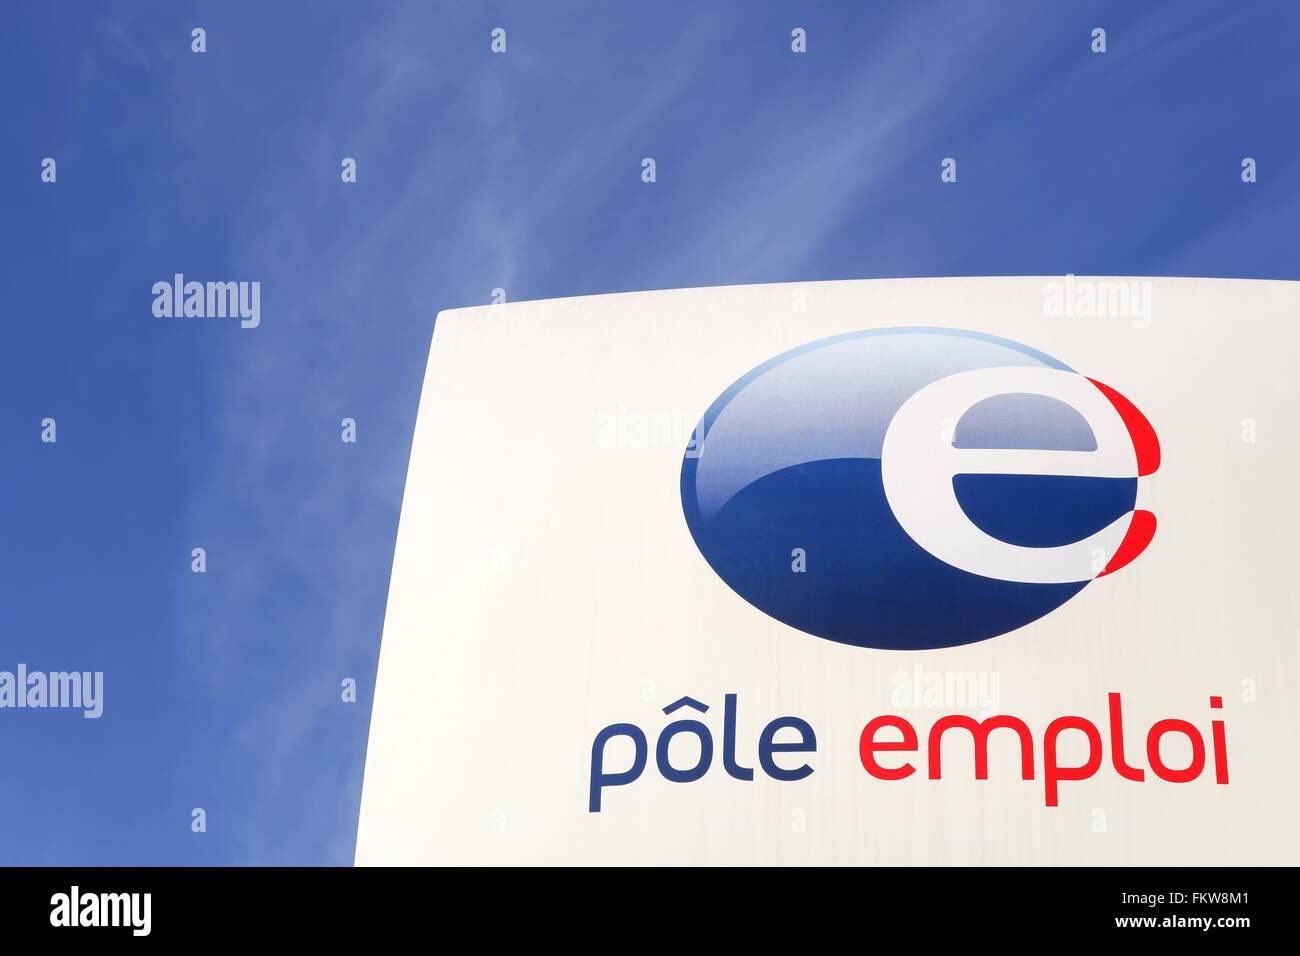 Pole emploi sign in Francia Immagini Stock